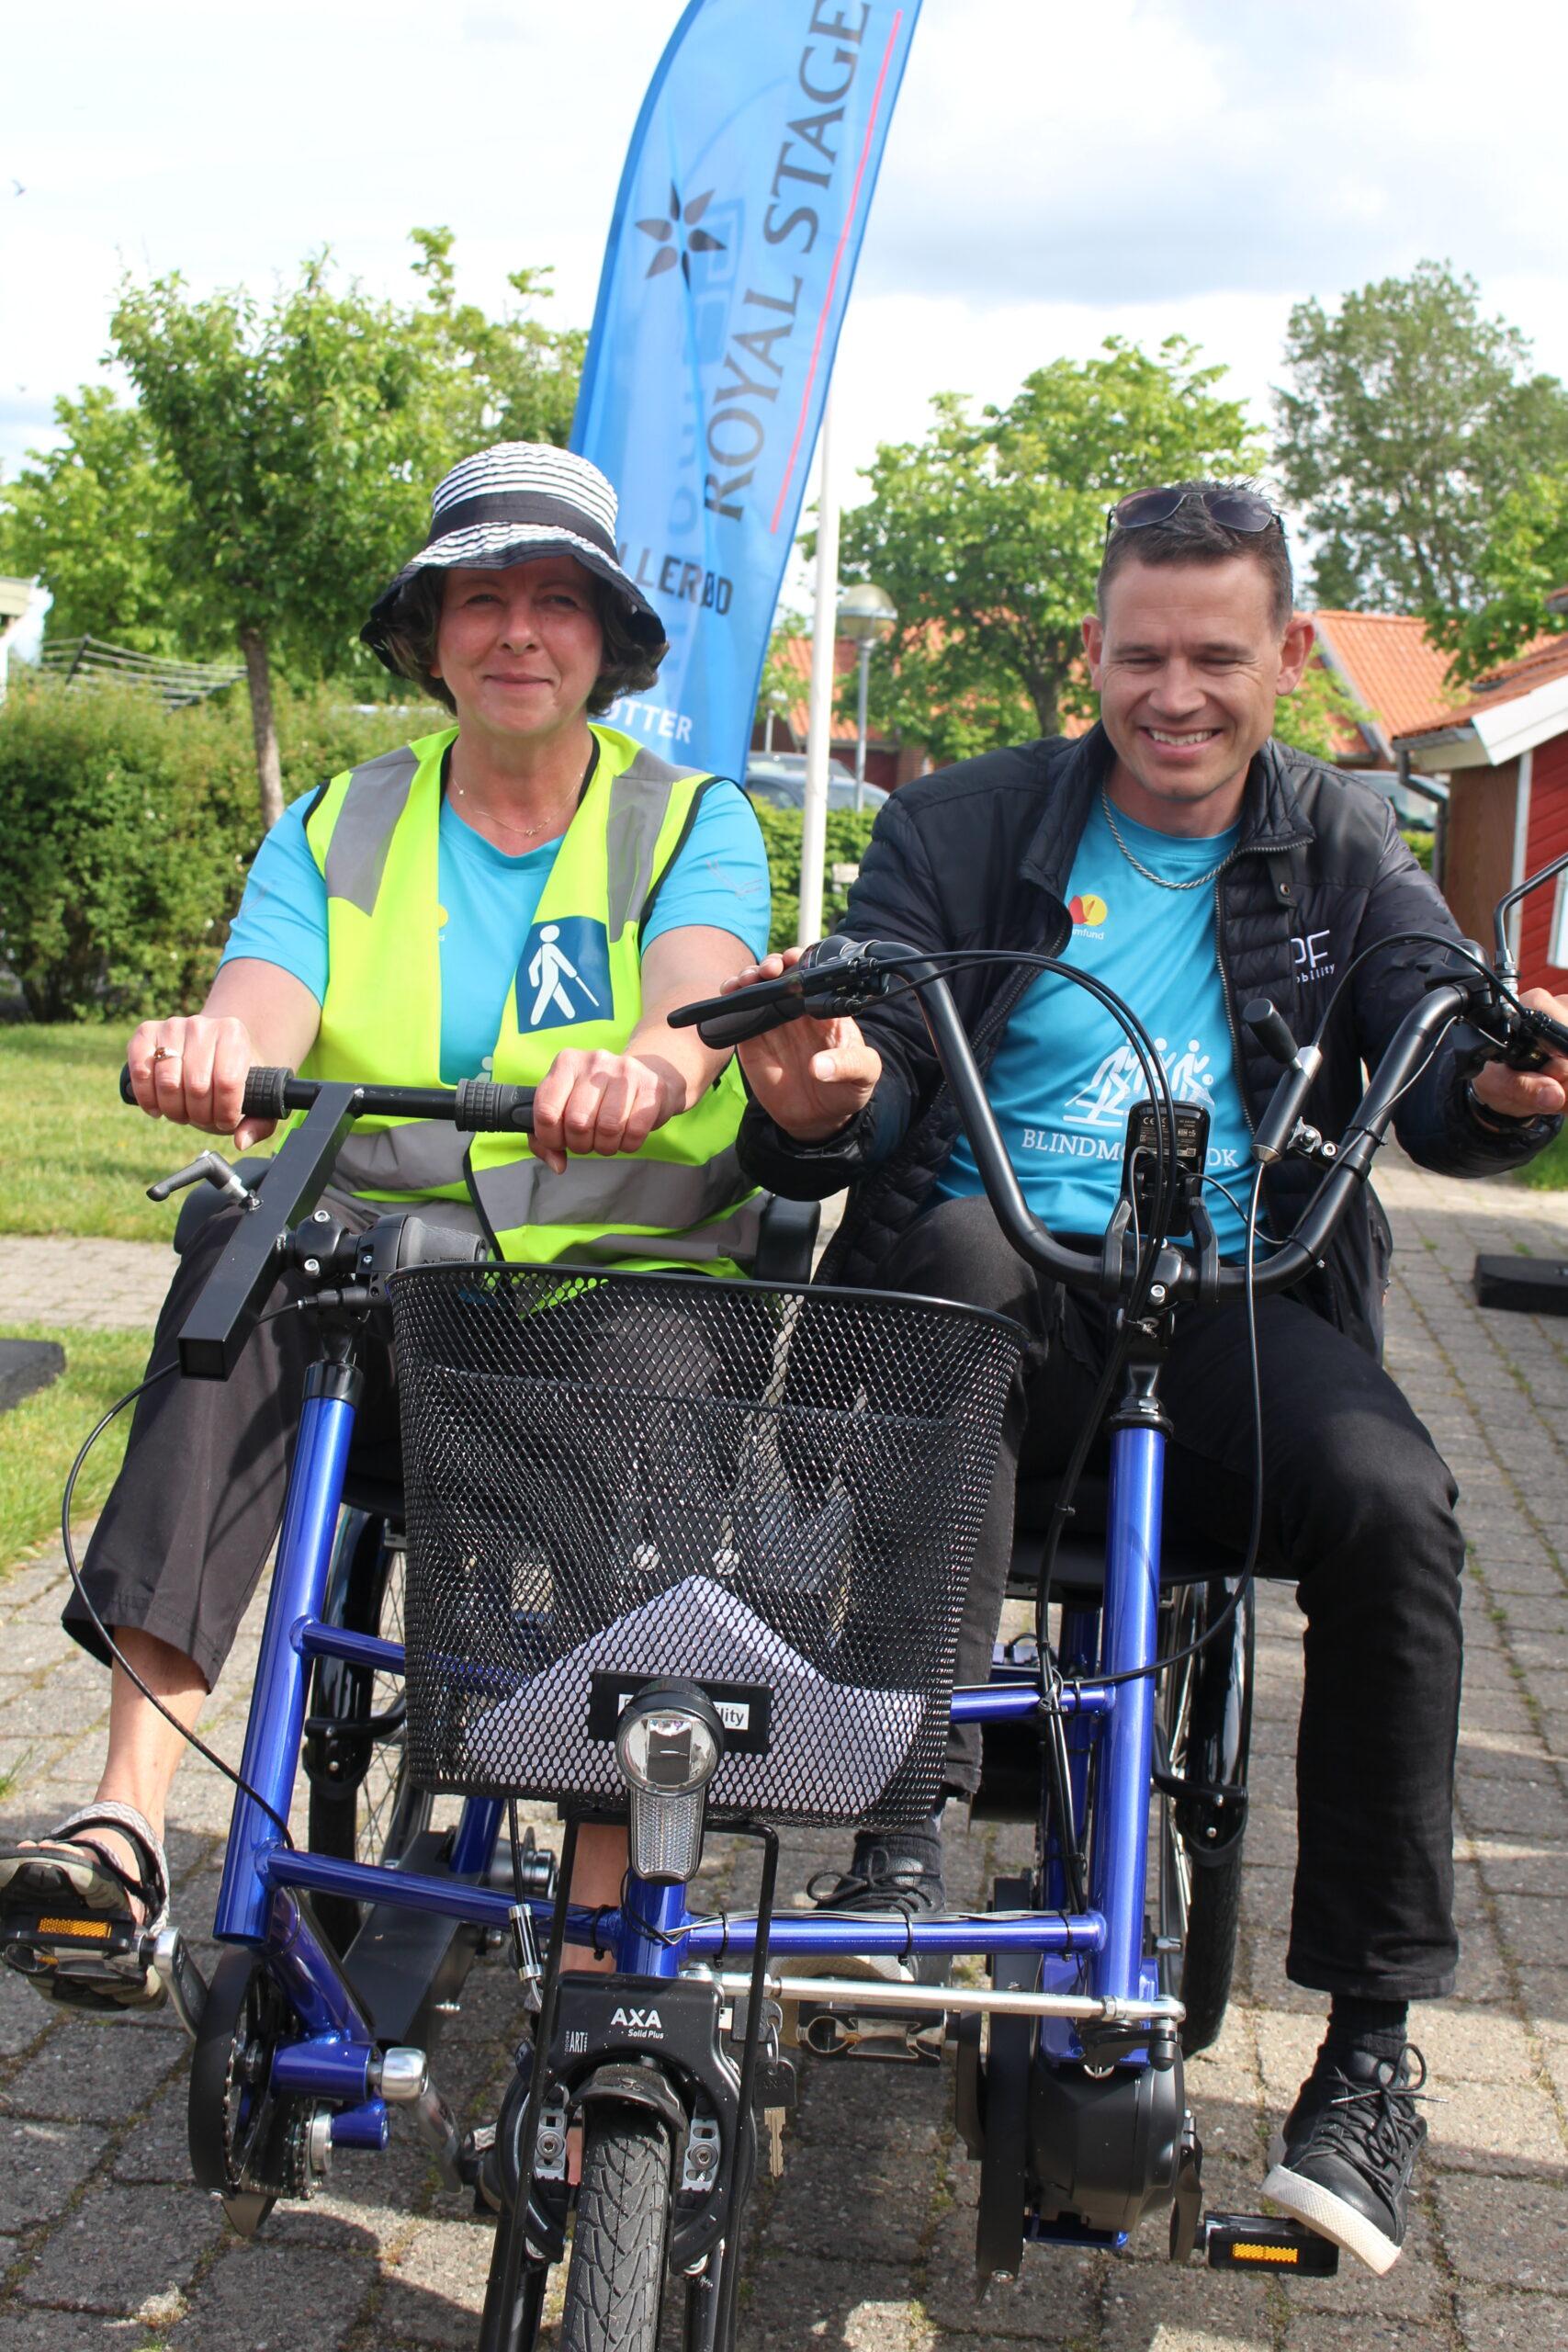 Billede af to smilende mennesker på cykel under legatuddelingen 2020.